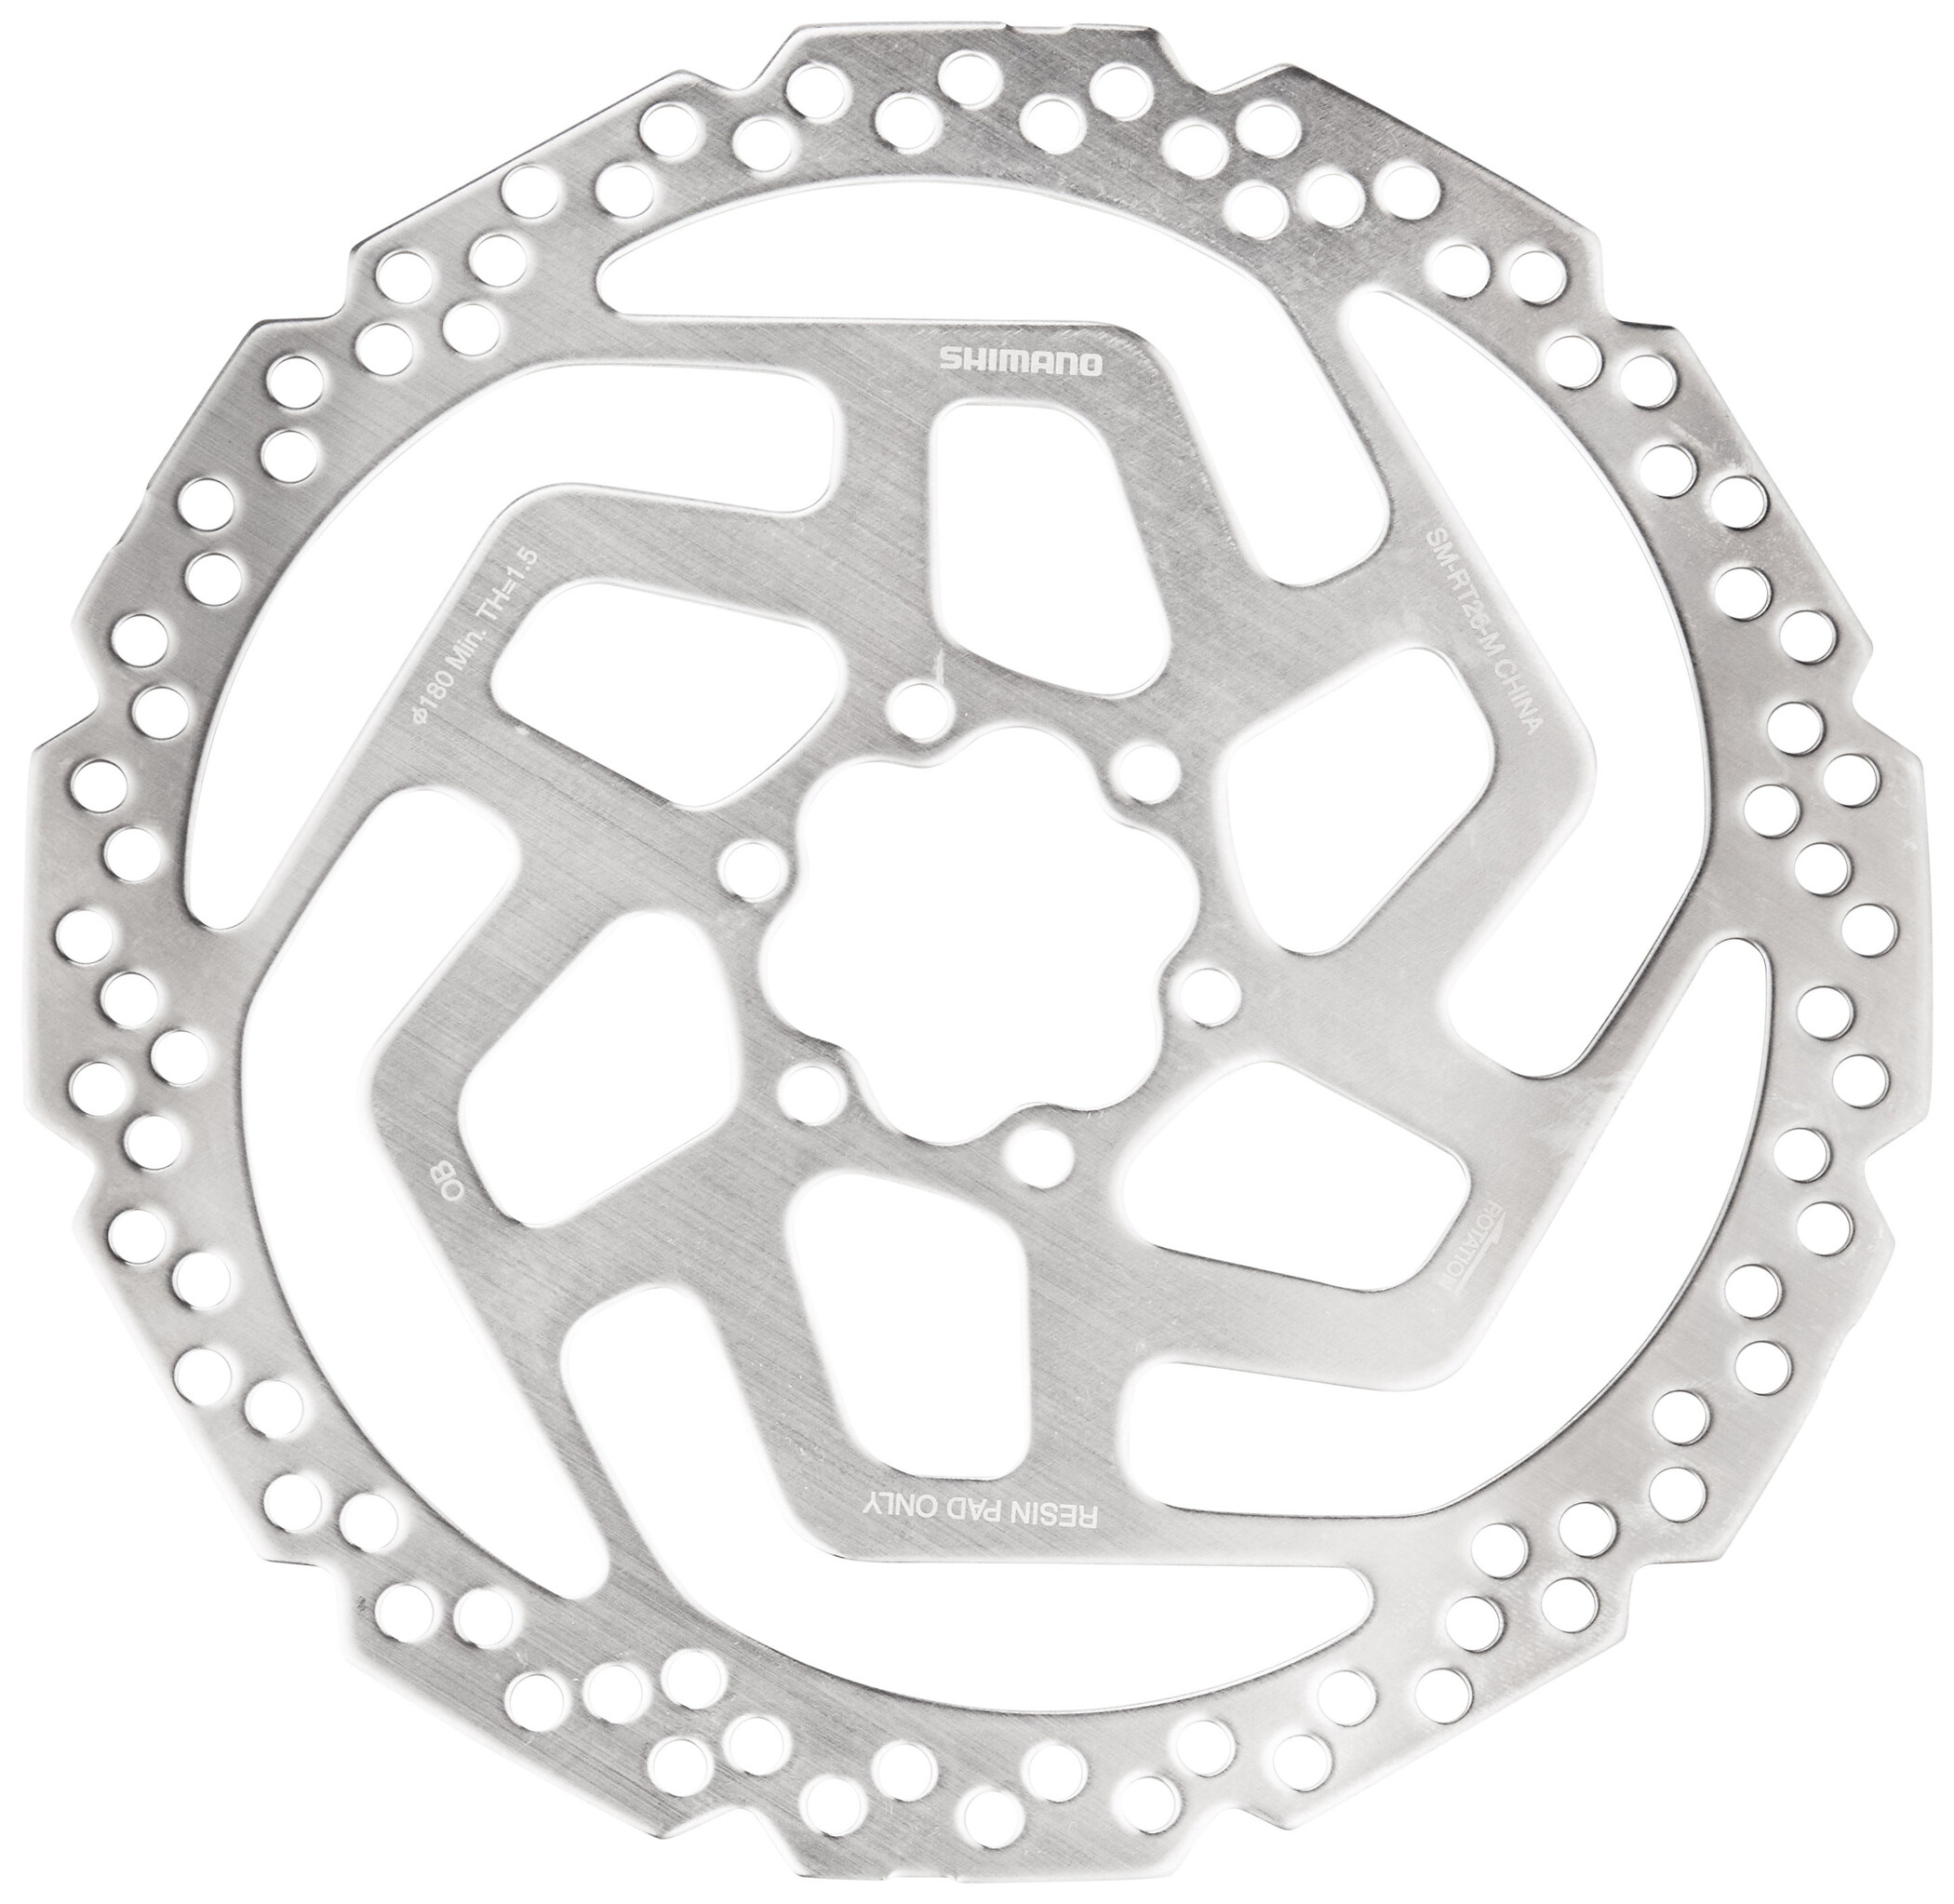 SHIMANO Deore SM-RT64 Bremsscheibe Center-Lock Durchmesser 180 mm 2018 Bremsscheiben